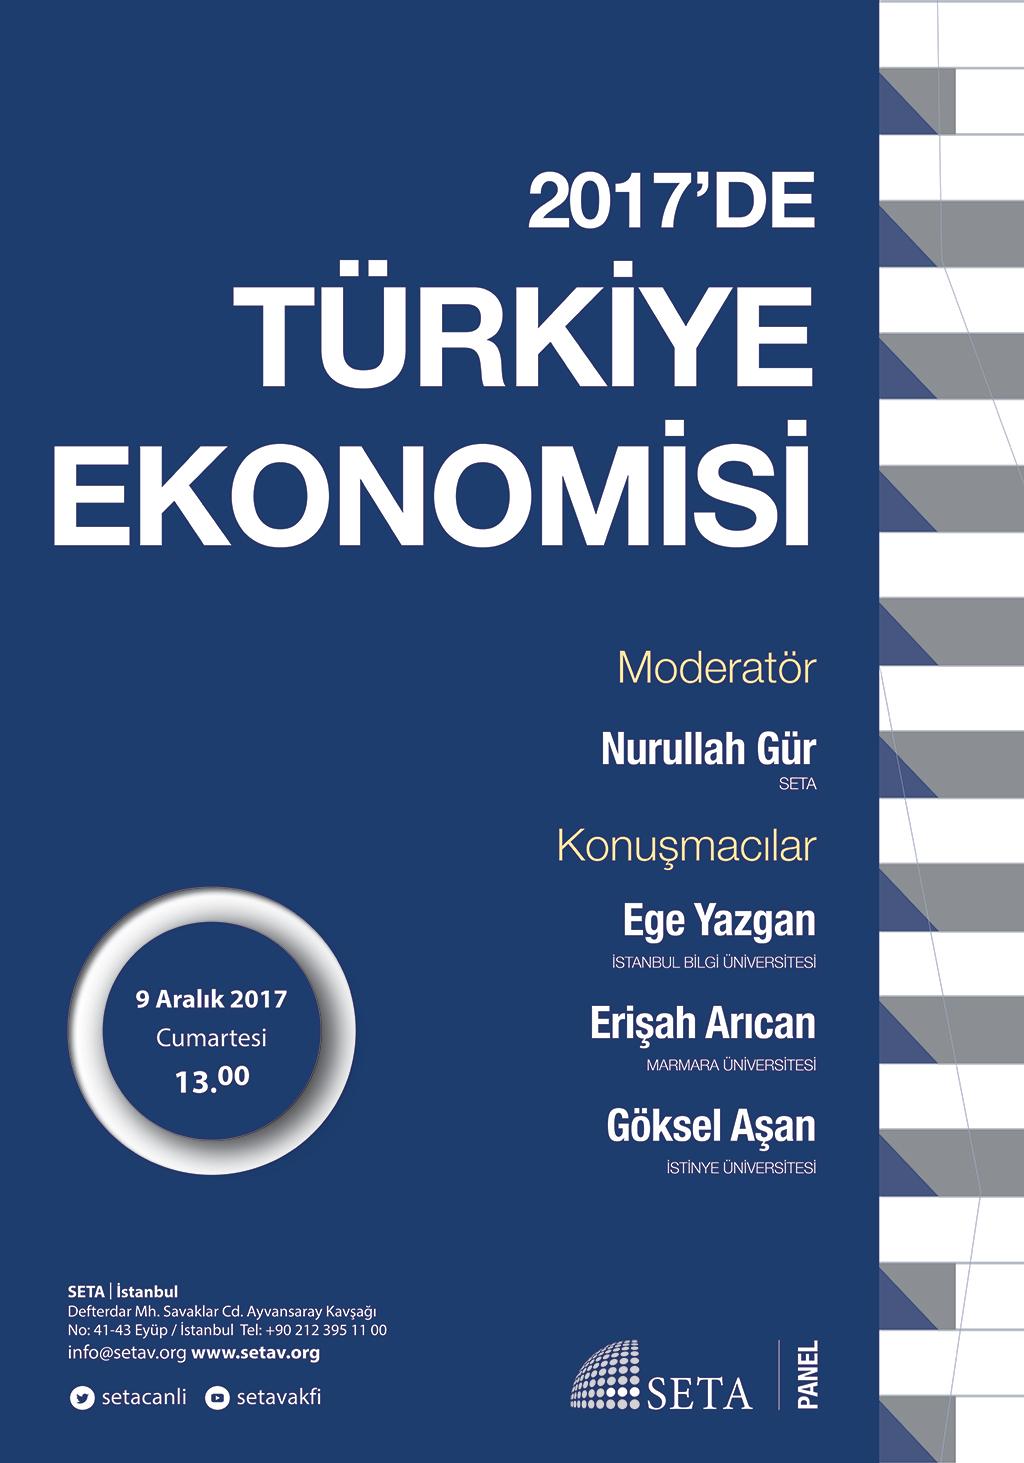 Panel: 2017'de Türkiye Ekonomisi